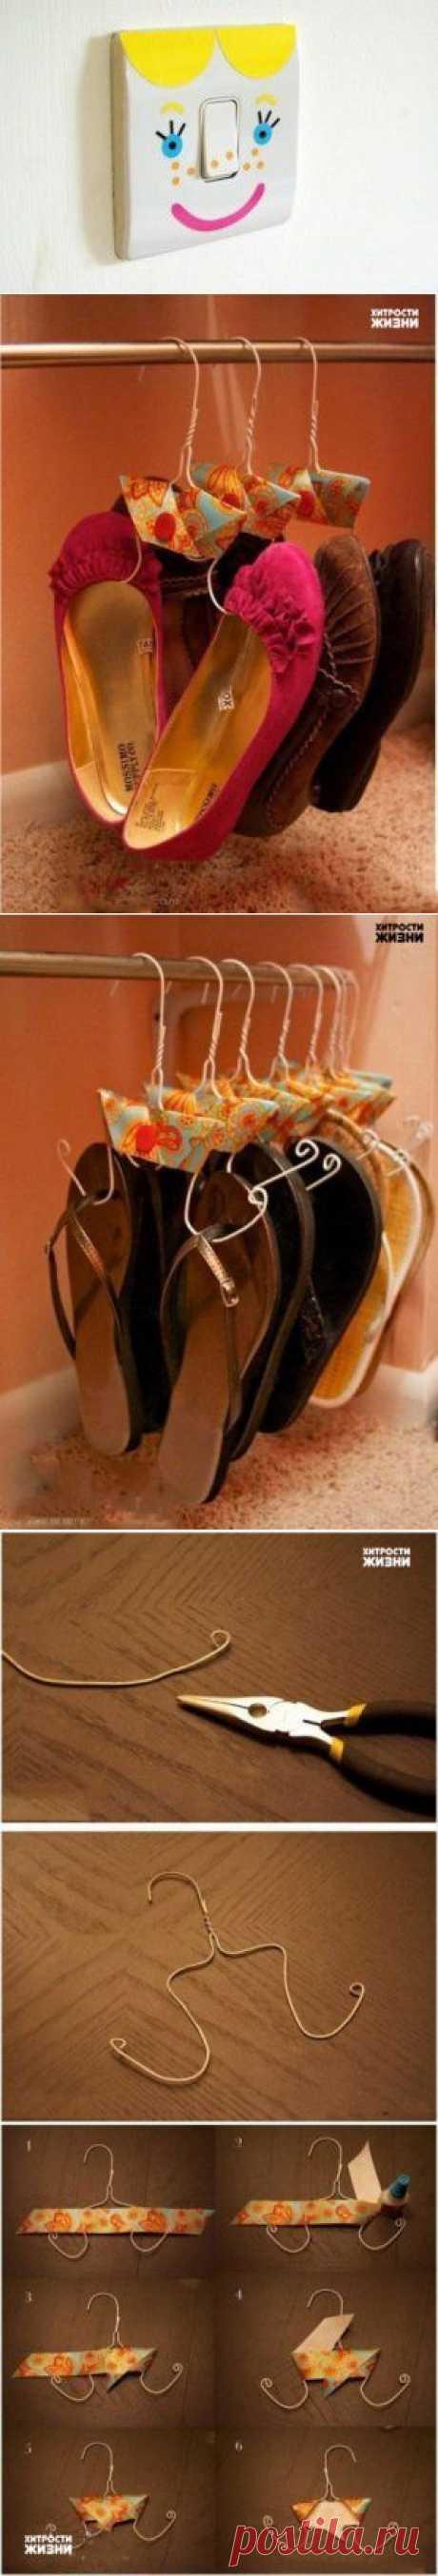 Las perchas originales para el calzado - agilizarán considerablemente el almacenaje del calzado en su armario. | las astucias de la Vida